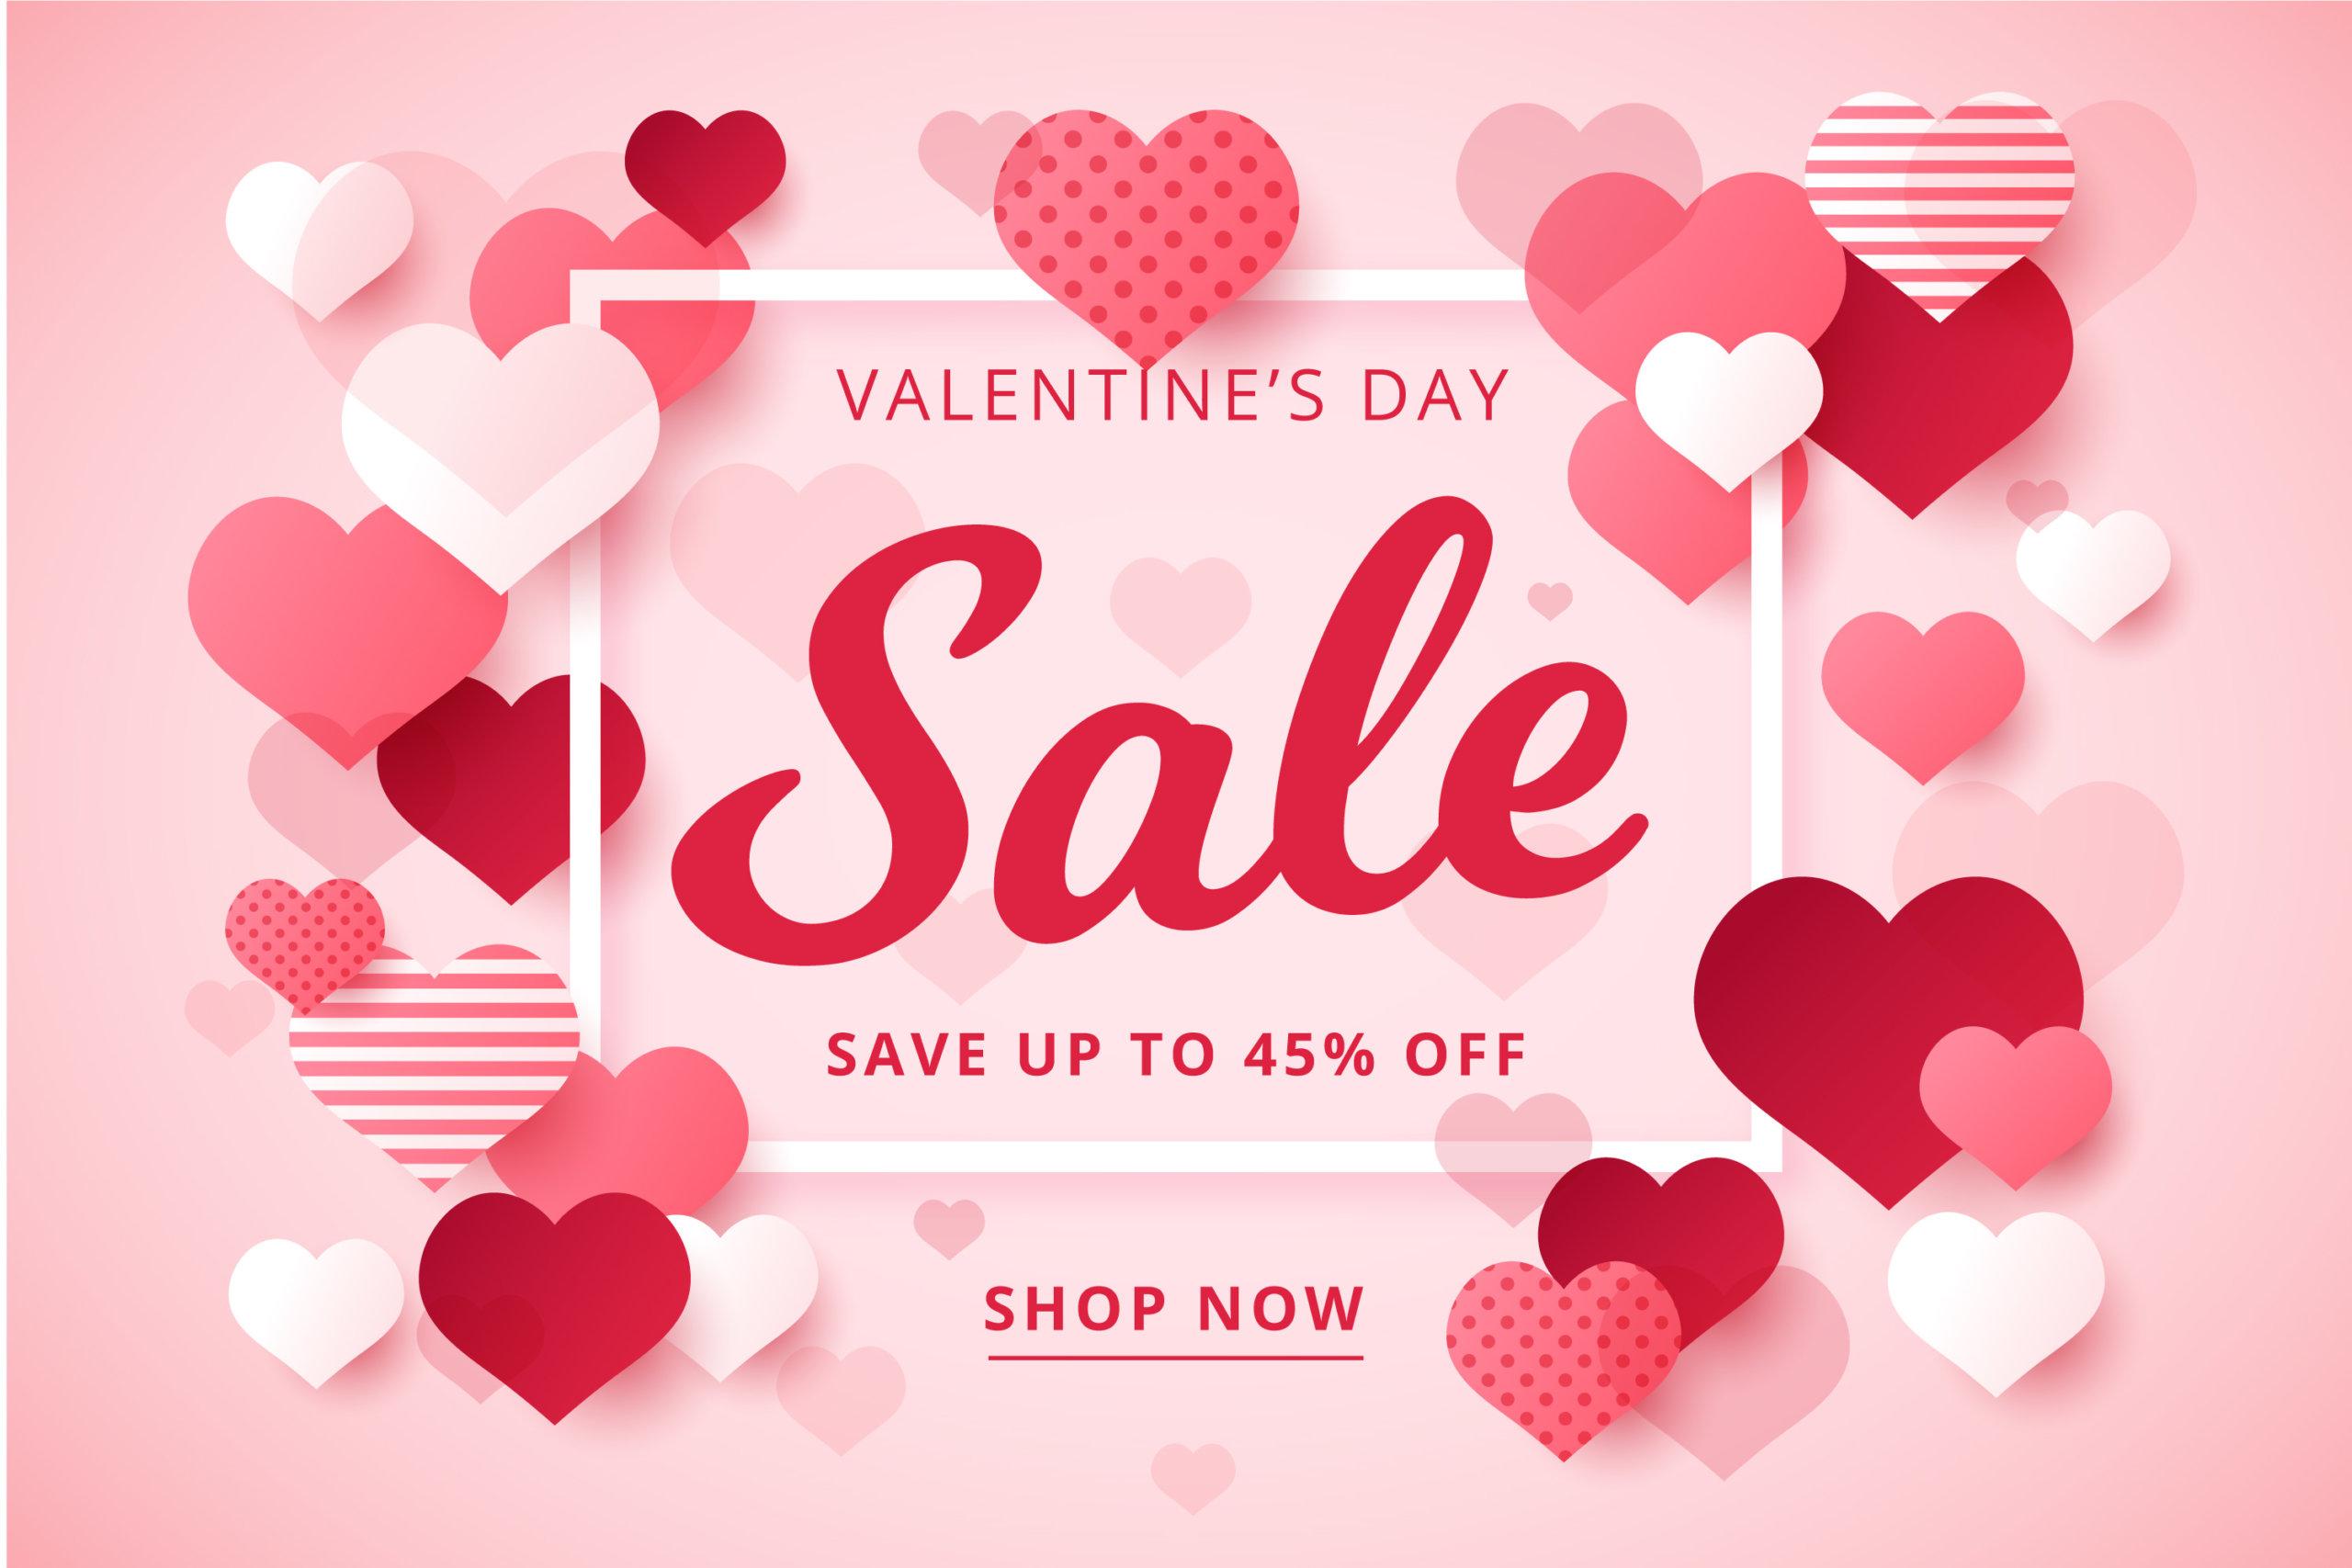 16款七夕节情人节爱心心形公益慈善海报传单AI设计素材 Valentines Day Love Promotion Poster插图1